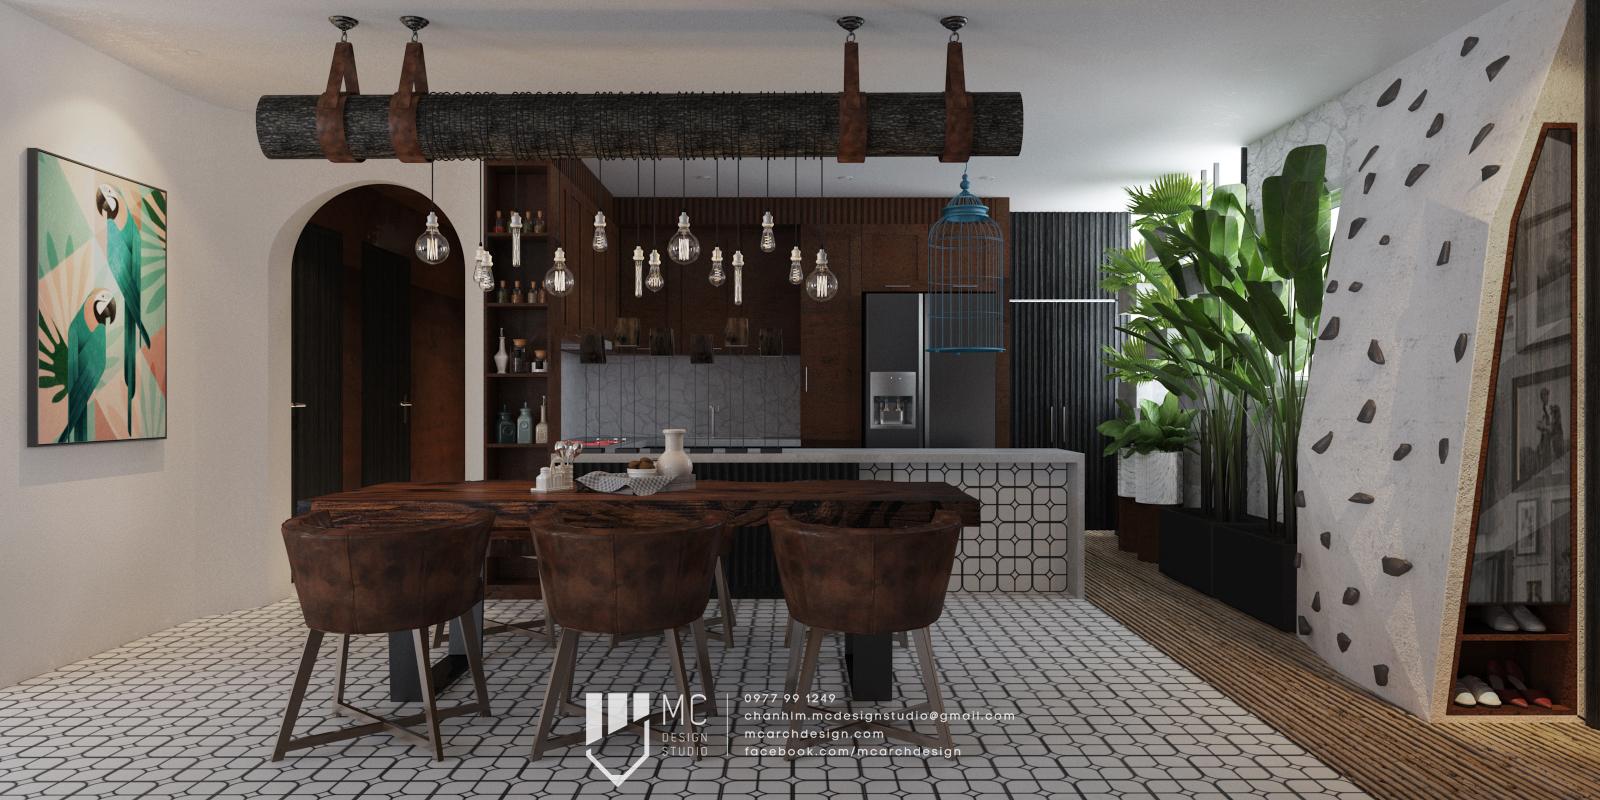 Thiết kế nội thất Chung Cư tại Hồ Chí Minh RIVIERA POINT - 4BS1 1588587334 4